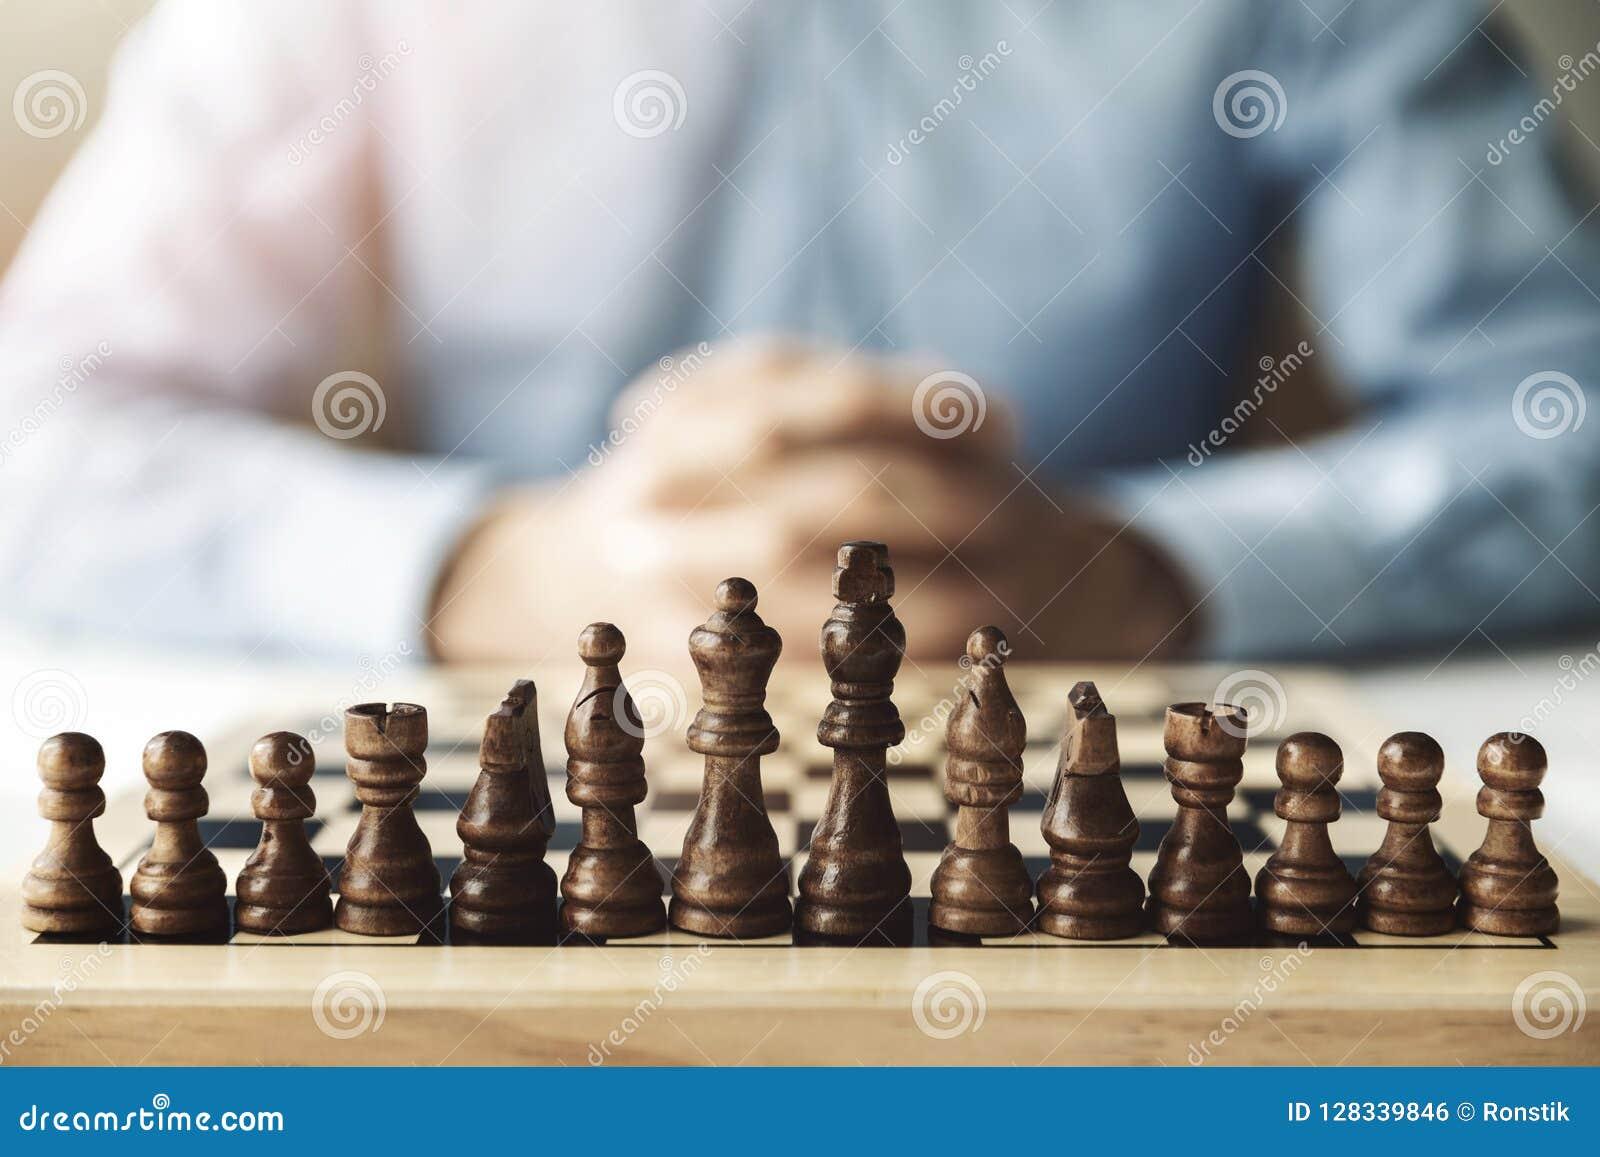 Έννοια επιχειρησιακής στρατηγικής και πρόκλησης